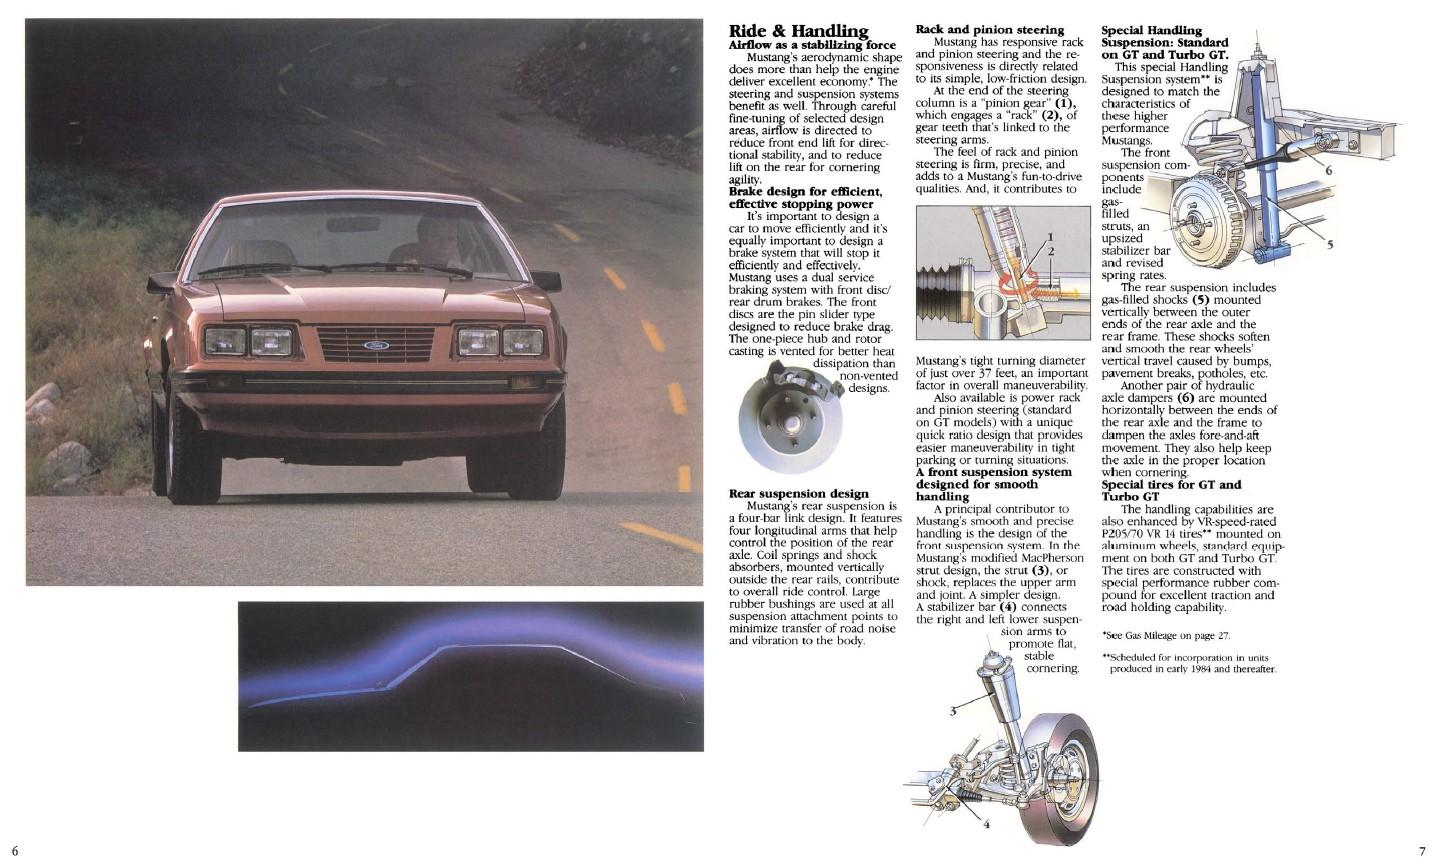 1984-ford-mustang-brochure-05.jpg